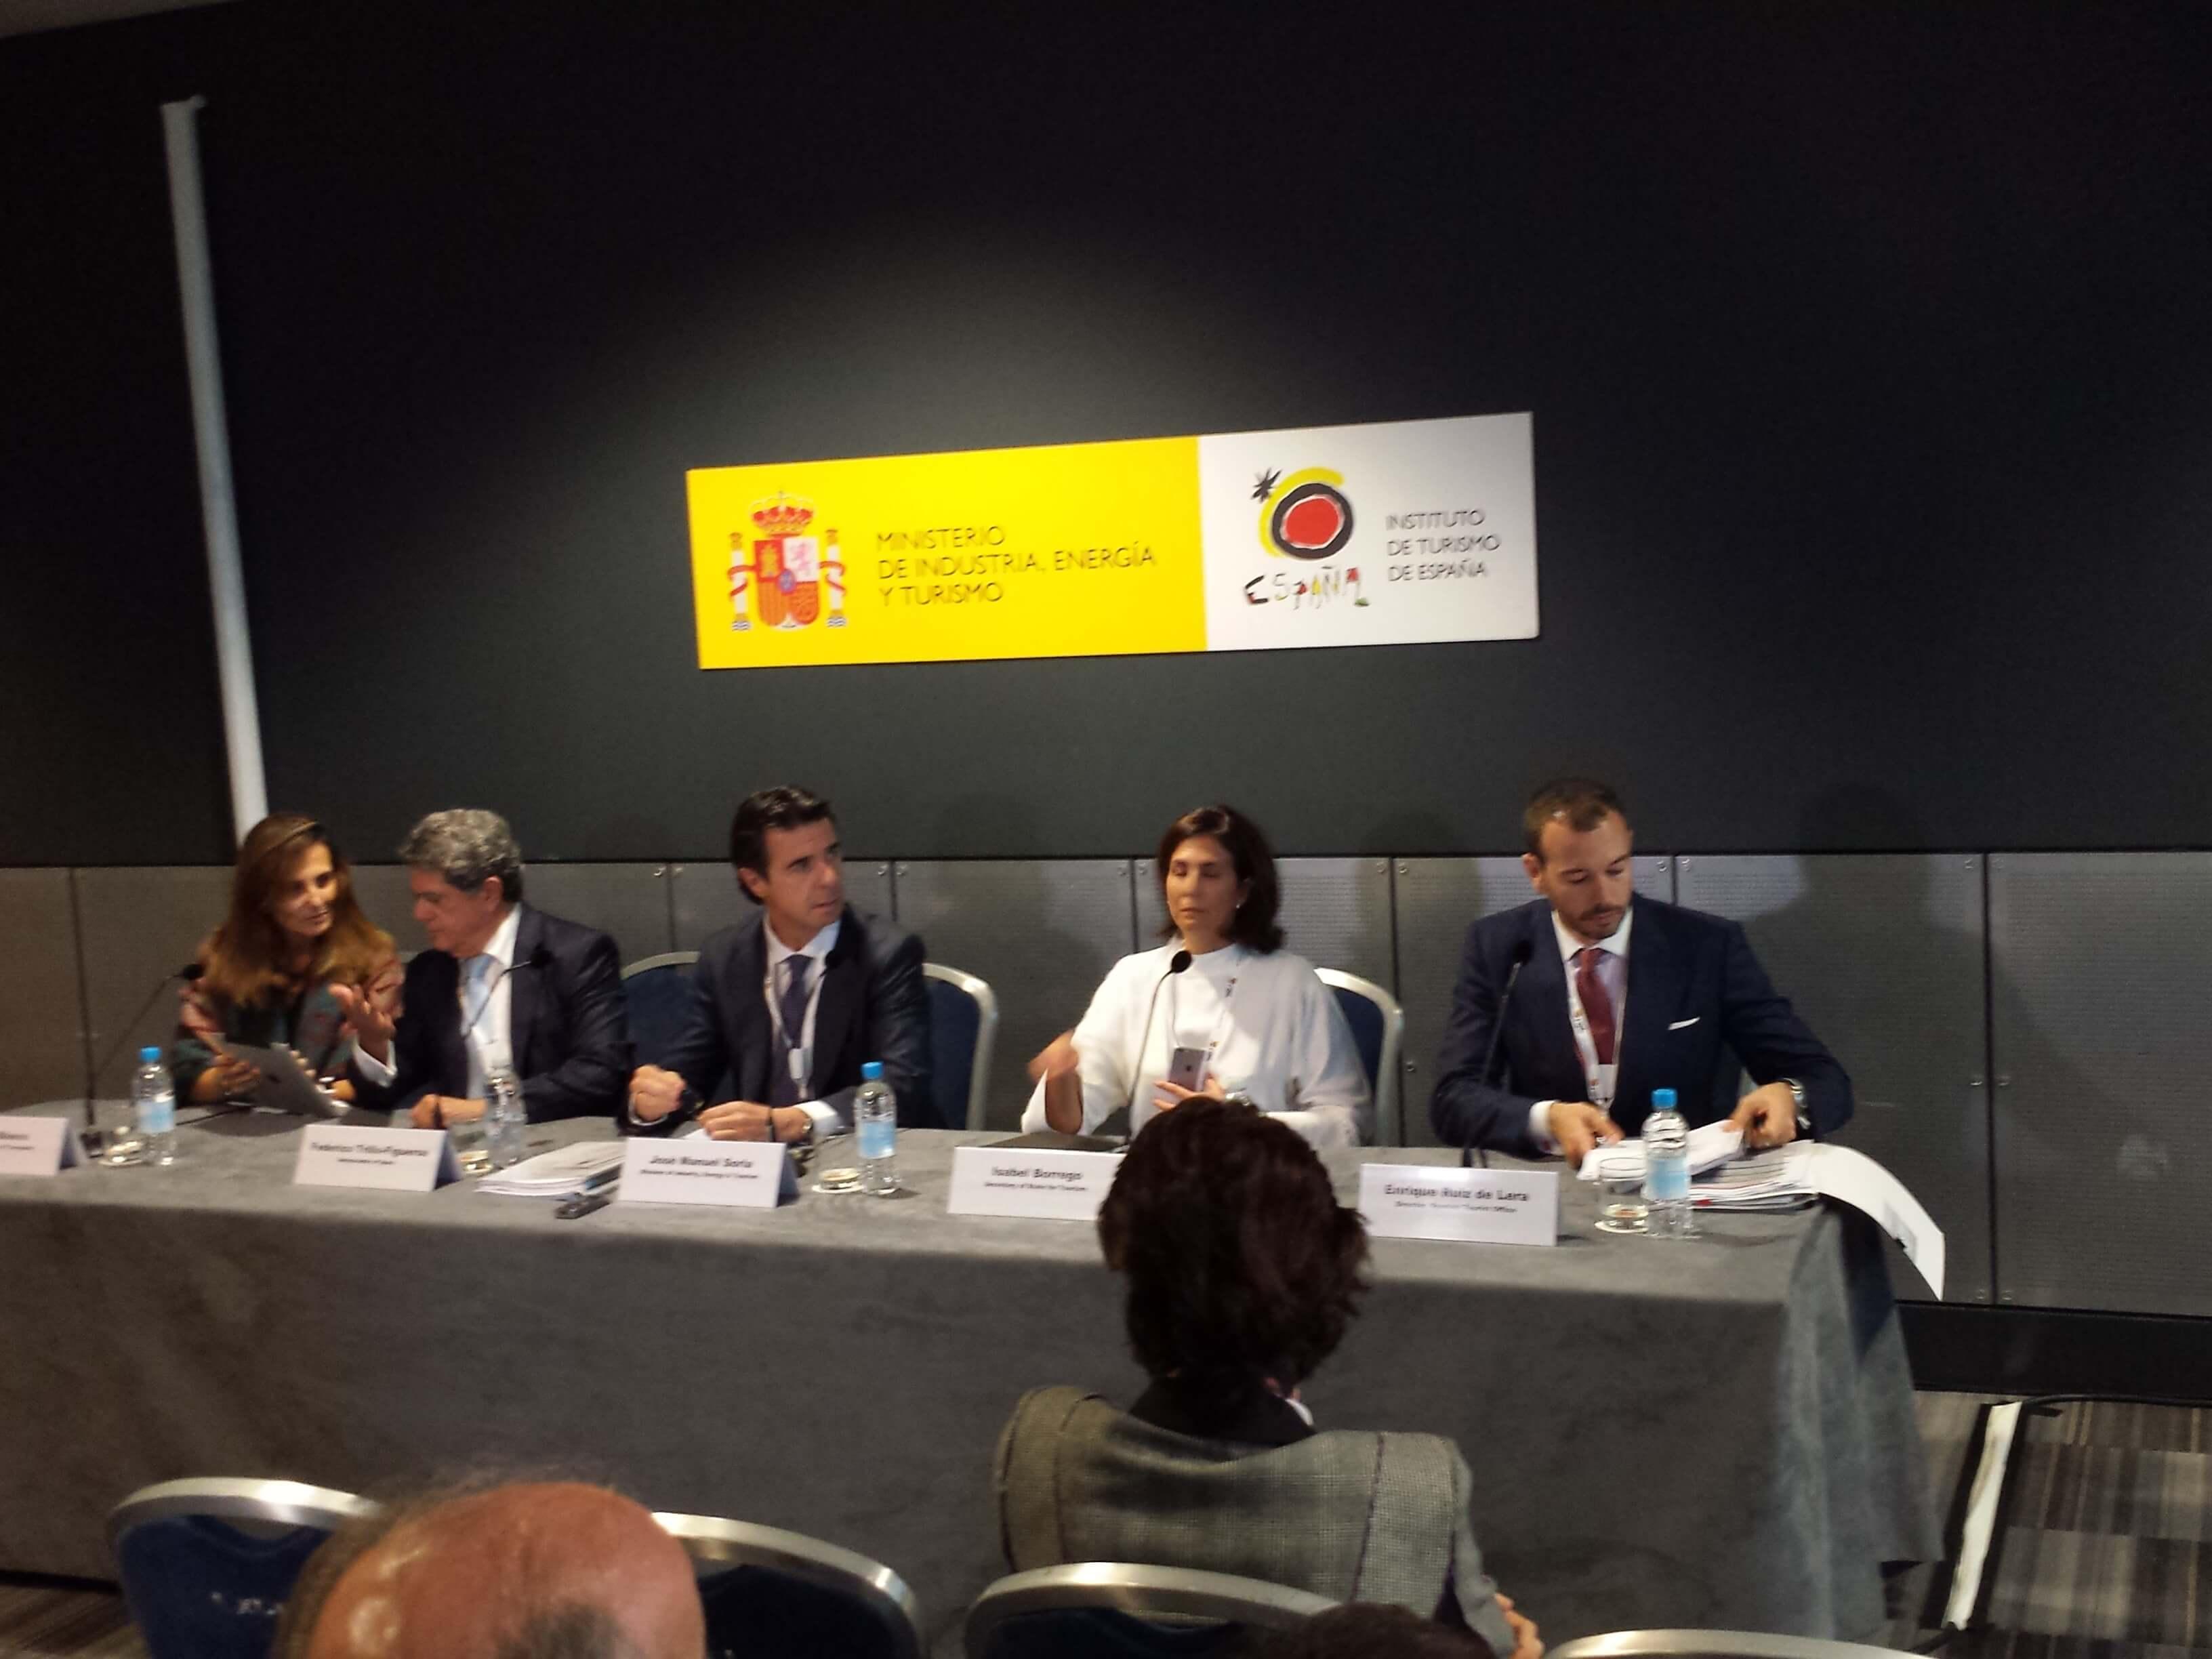 El Clúster del Turismo de Galicia, presente en la agenda de actividades de Turespaña en la WTM